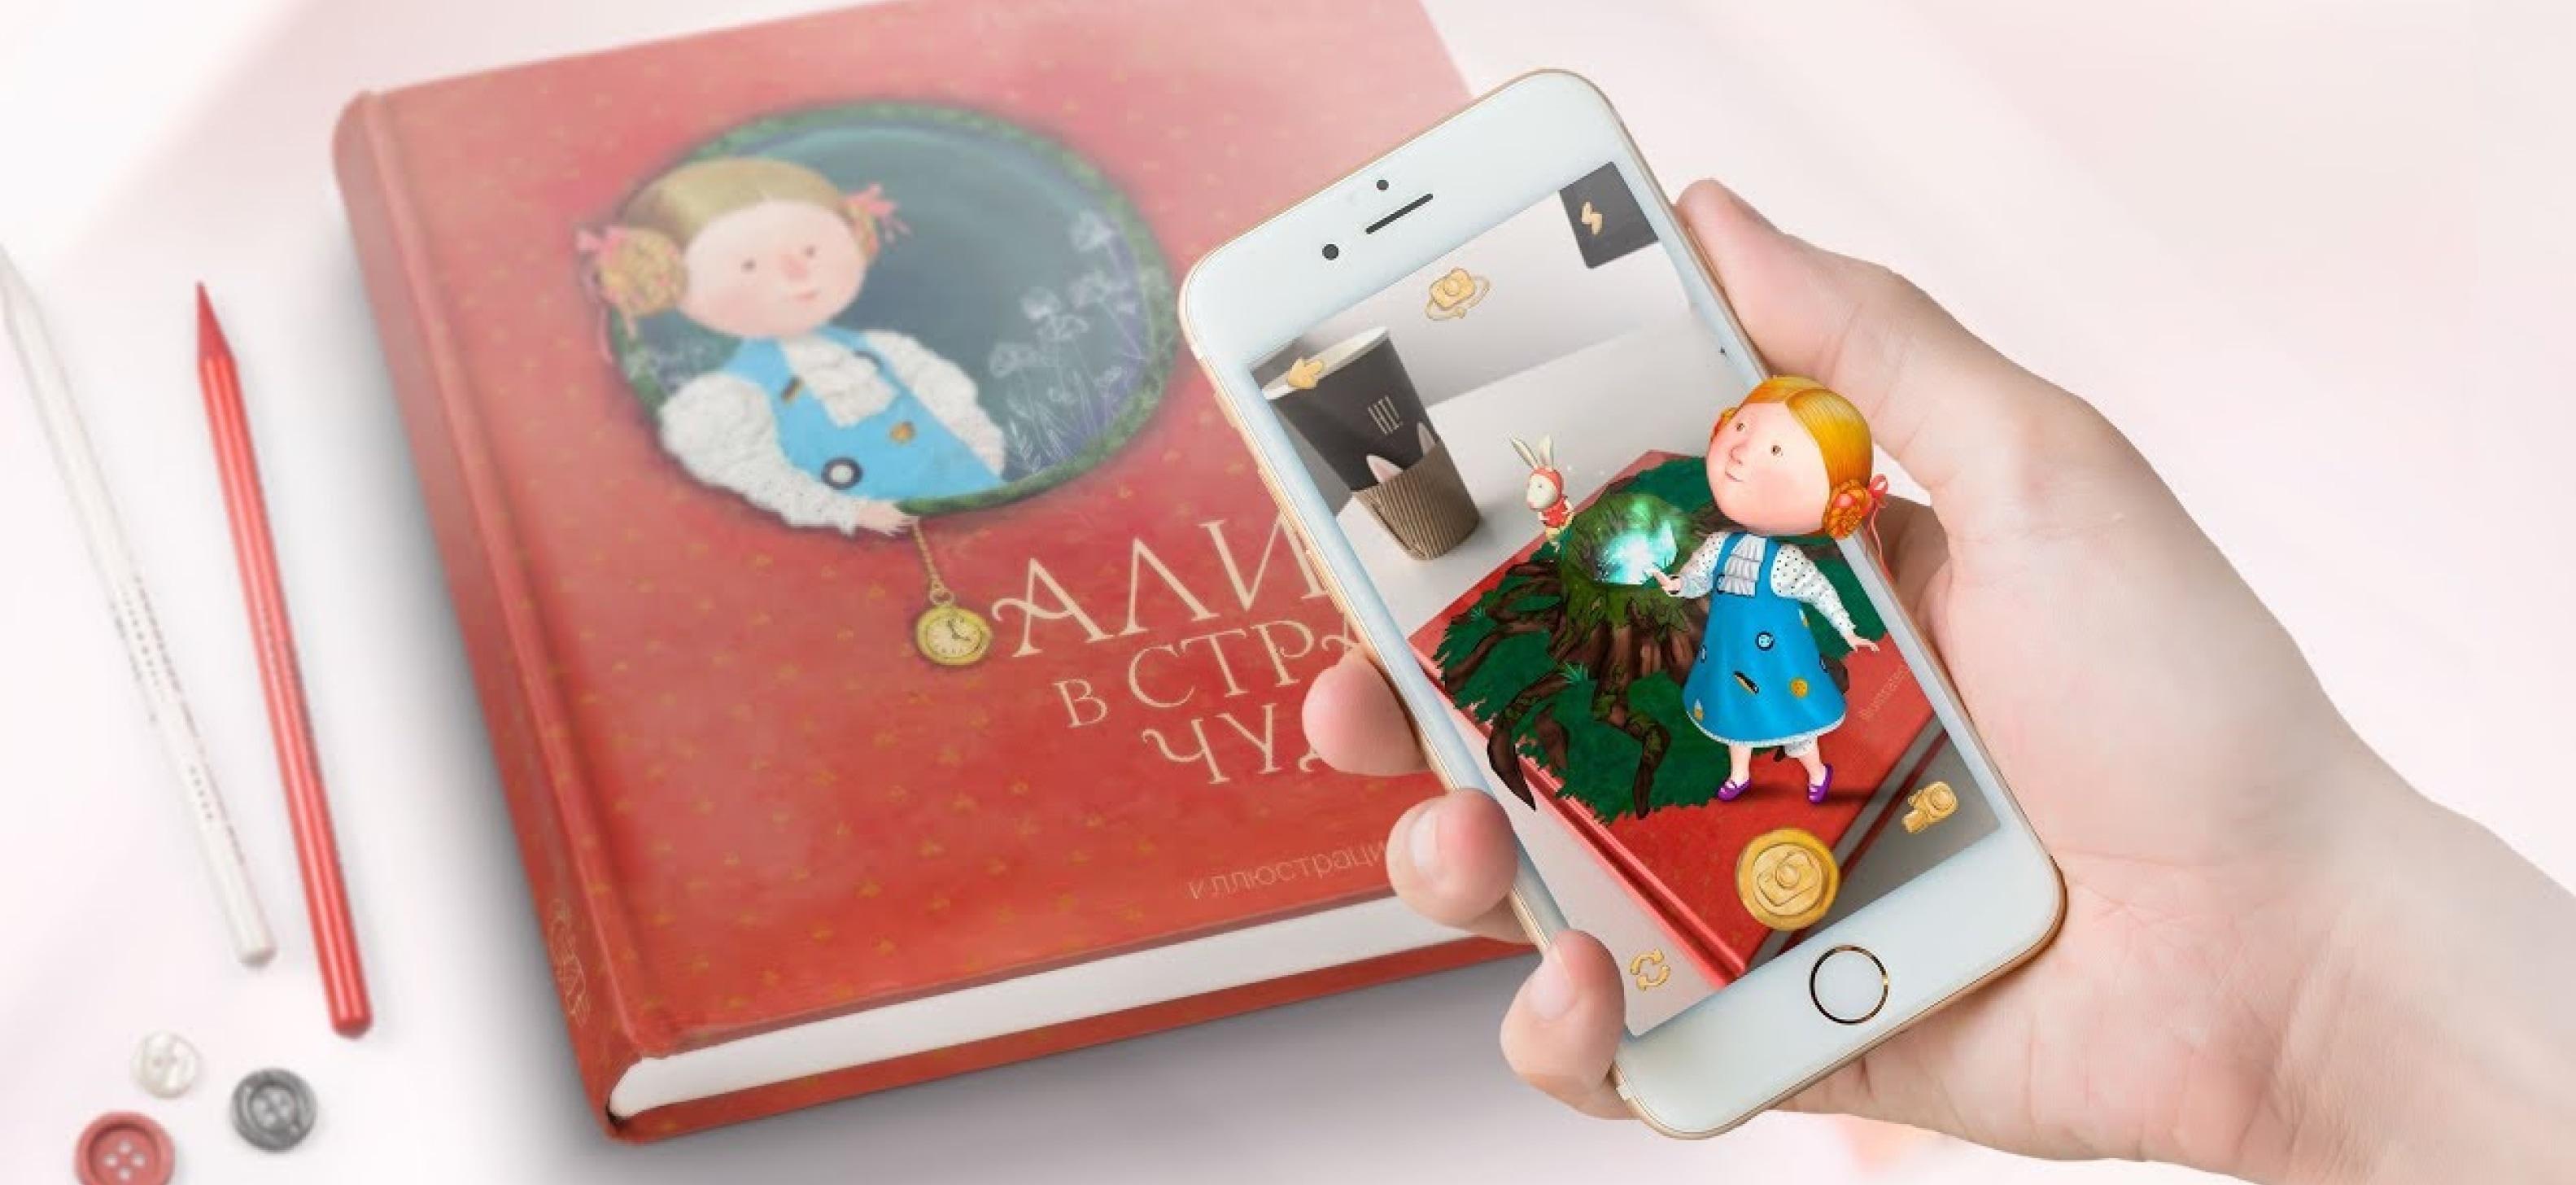 Erfahren Sie mehr über die limitierte Auflage des AR-Kinderbuchs Alice im Wunderland, das als Werbemittel für Treueprogramme im Einzelhandel dient.